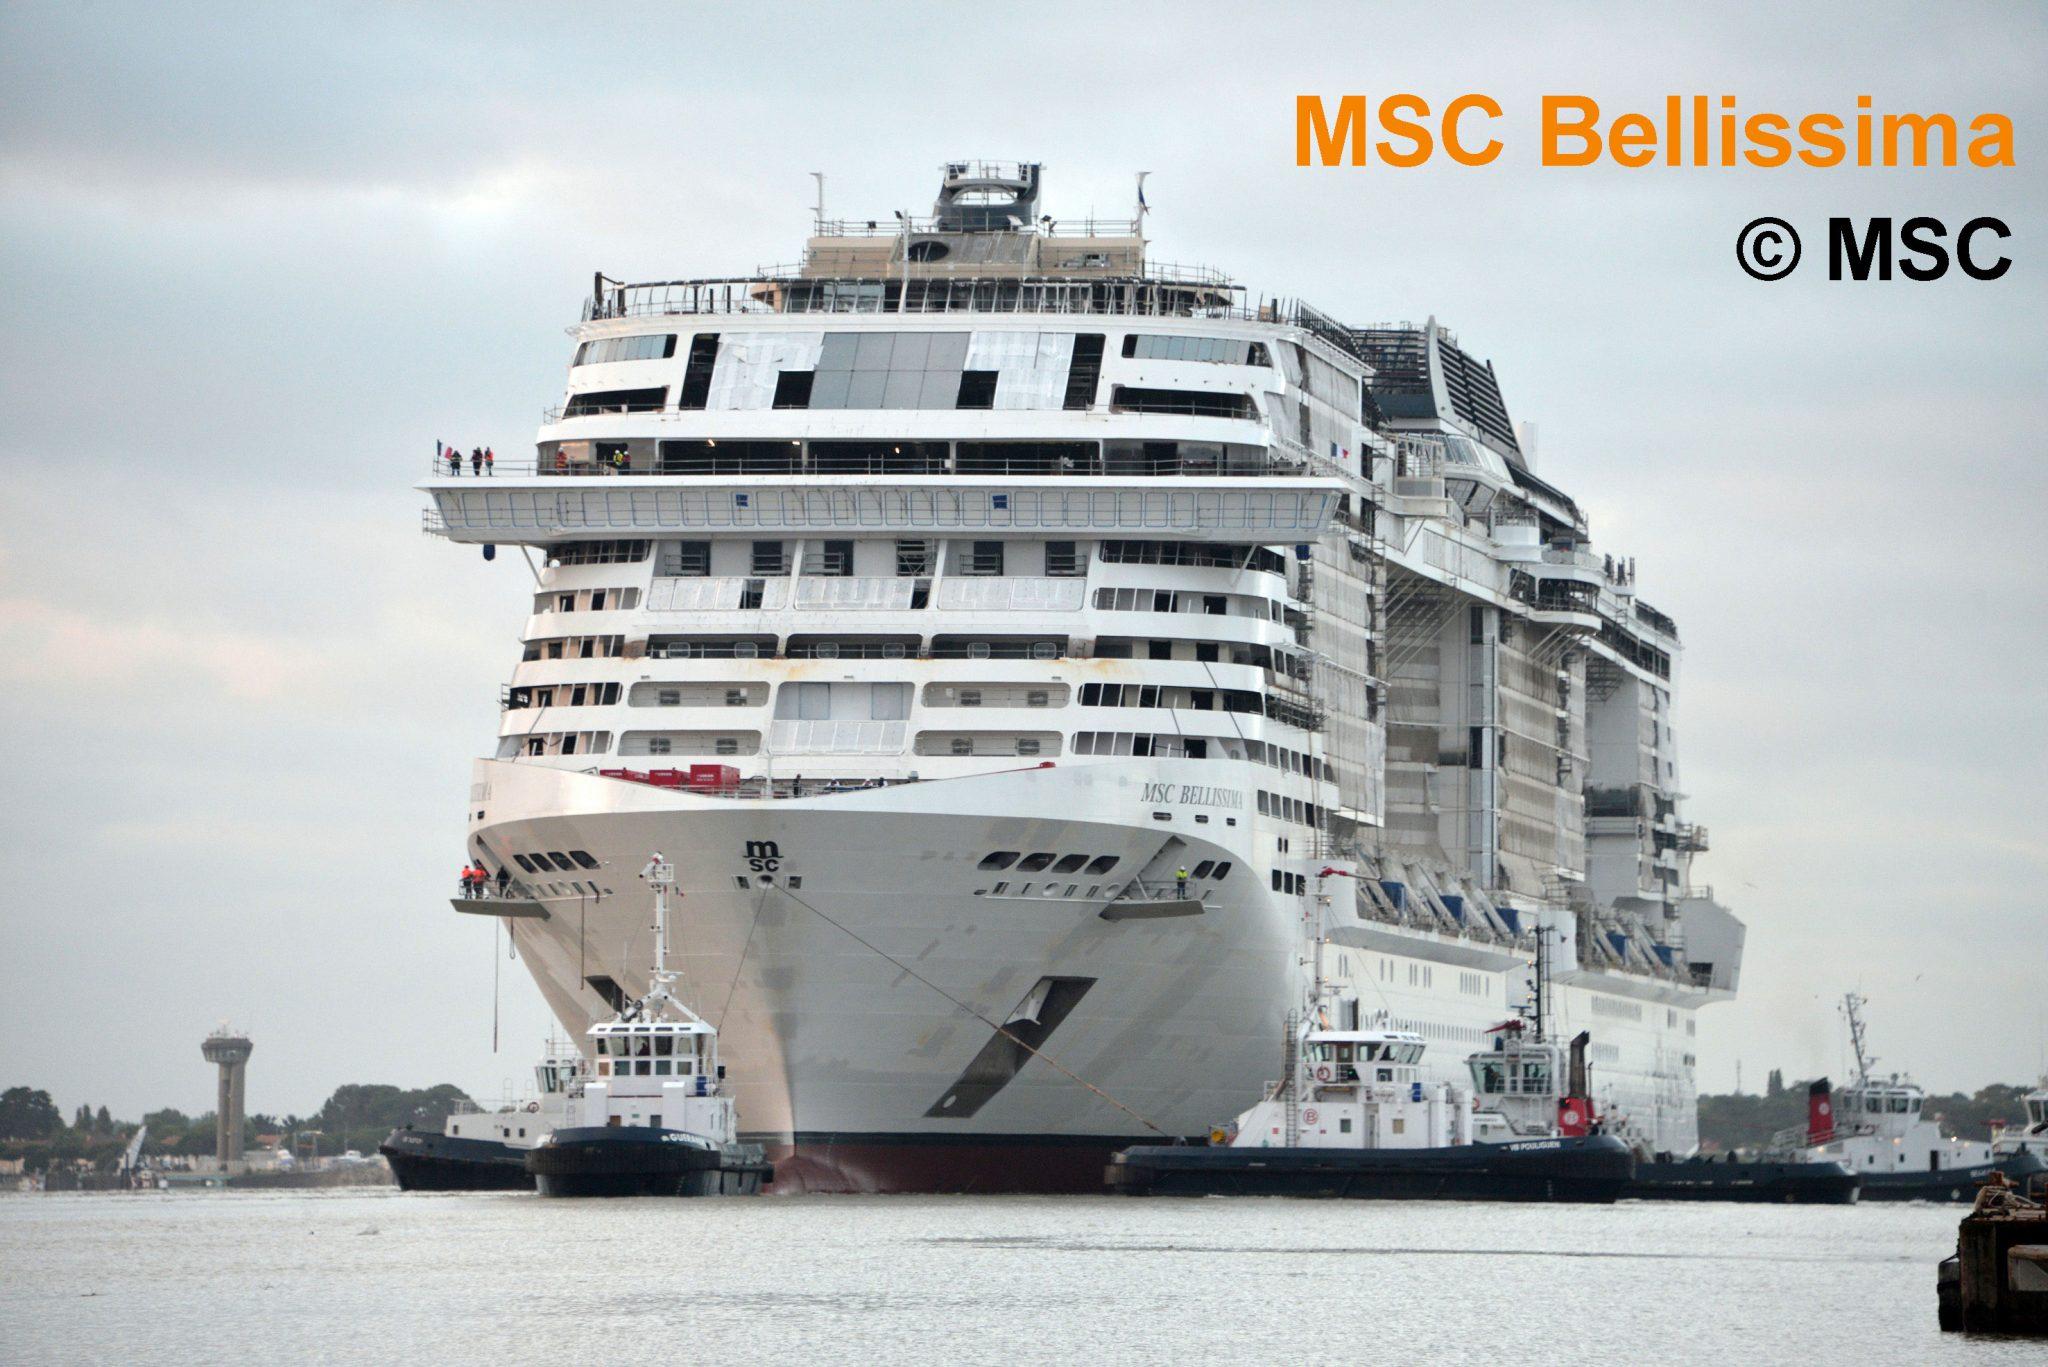 Neues Kreuzfahrtschiff 2019: MSC Bellissima